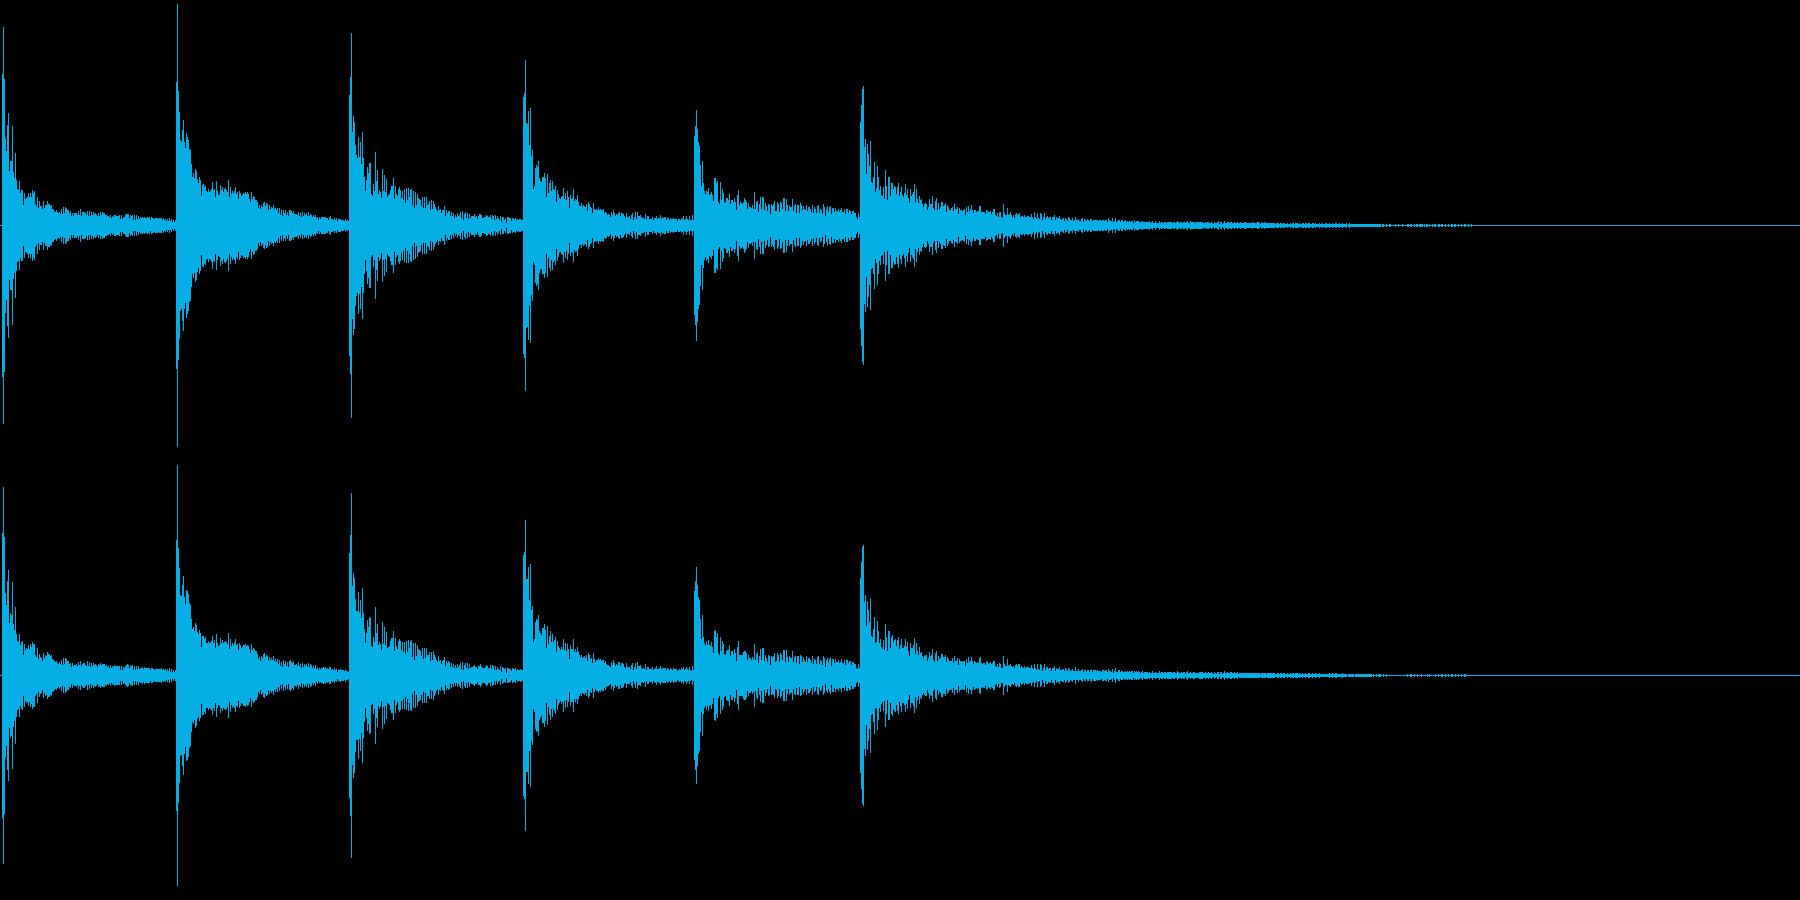 ティンパニ:フォーリングボーイズス...の再生済みの波形